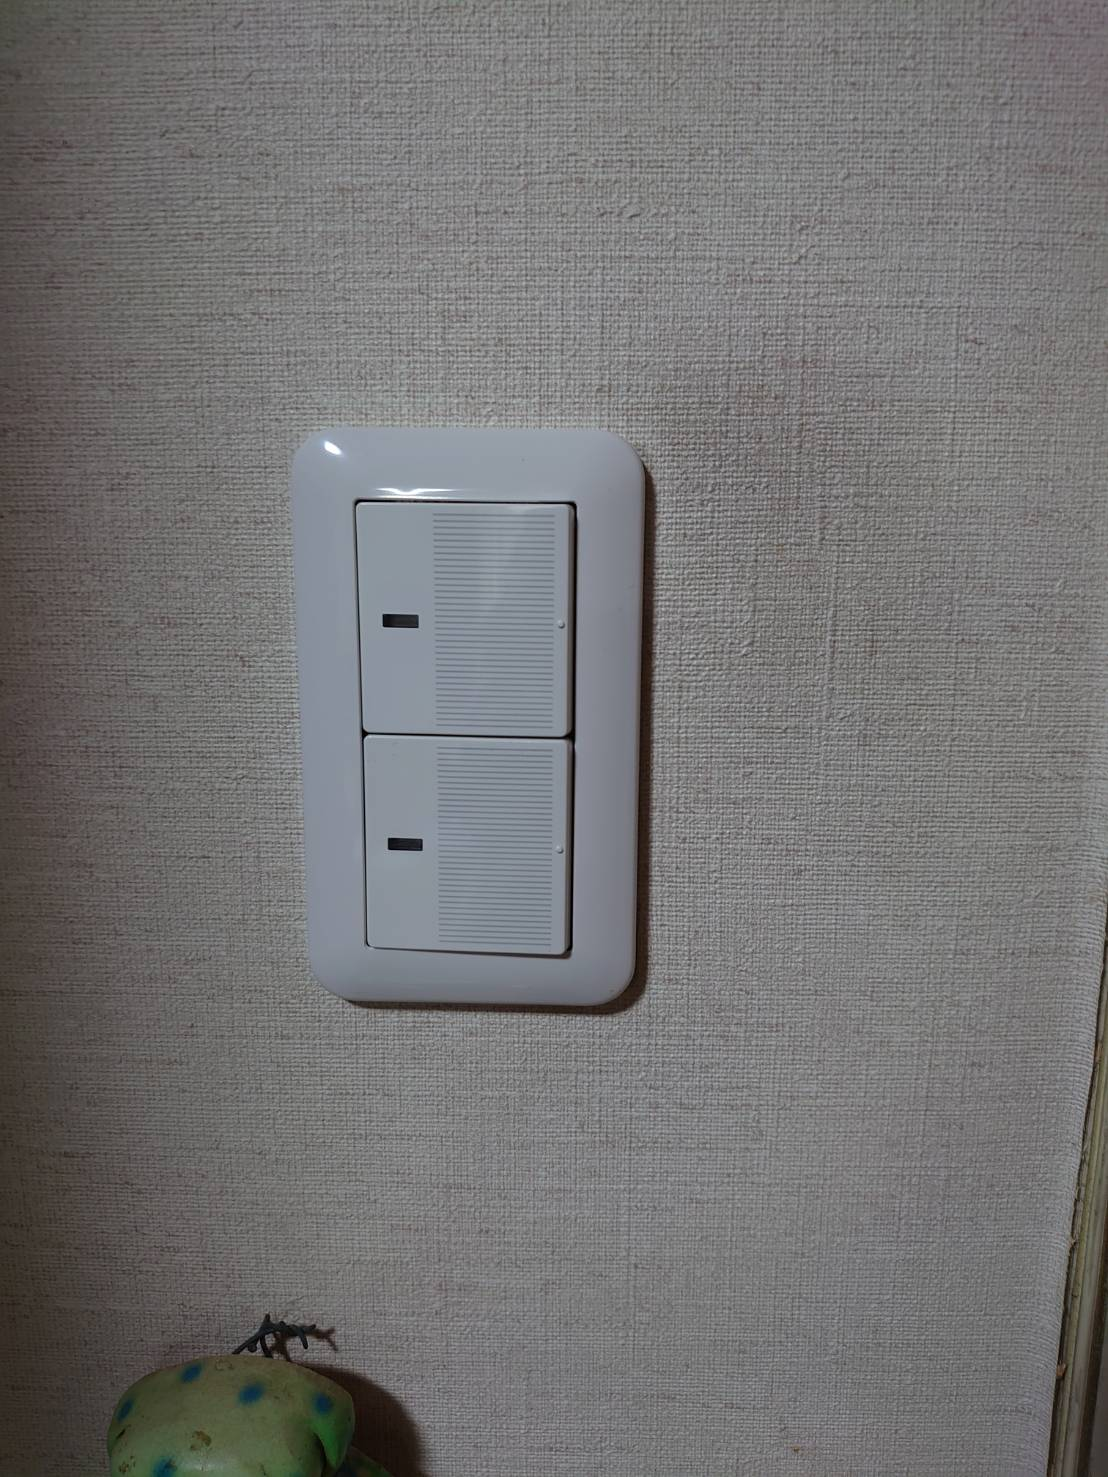 電気スイッチの交換。 真っ暗な部屋でも、スイッチの位置がすぐわかる!